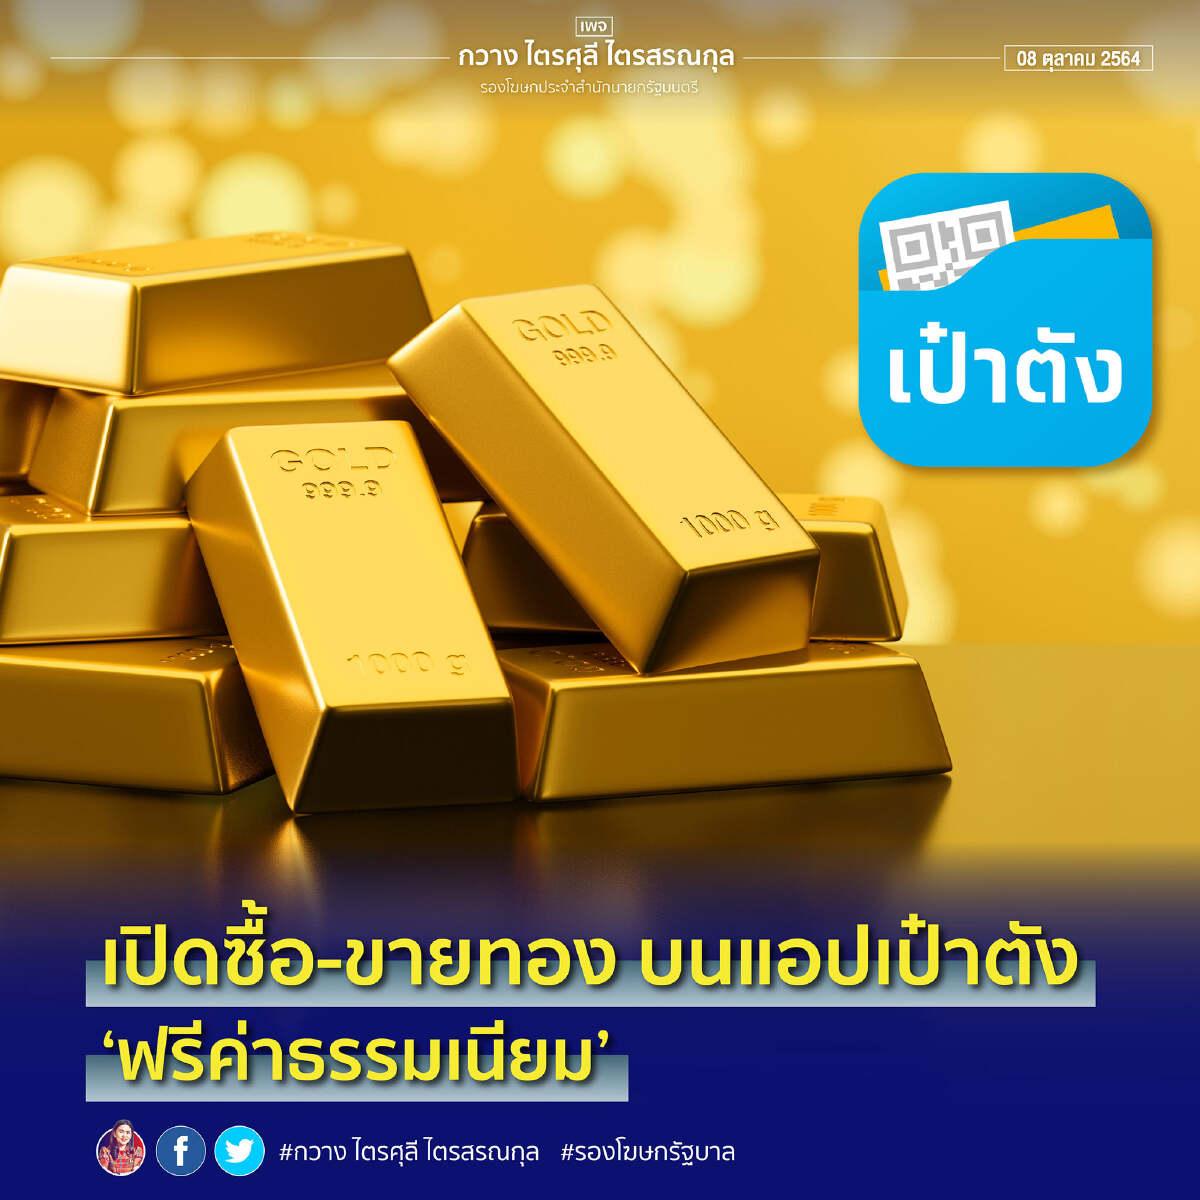 กรุงไทย เปิดซื้อ-ขาย ทองคำ ออนไลน์ผ่านแอปฯเป๋าตัง ฟรีค่าธรรมเนียม